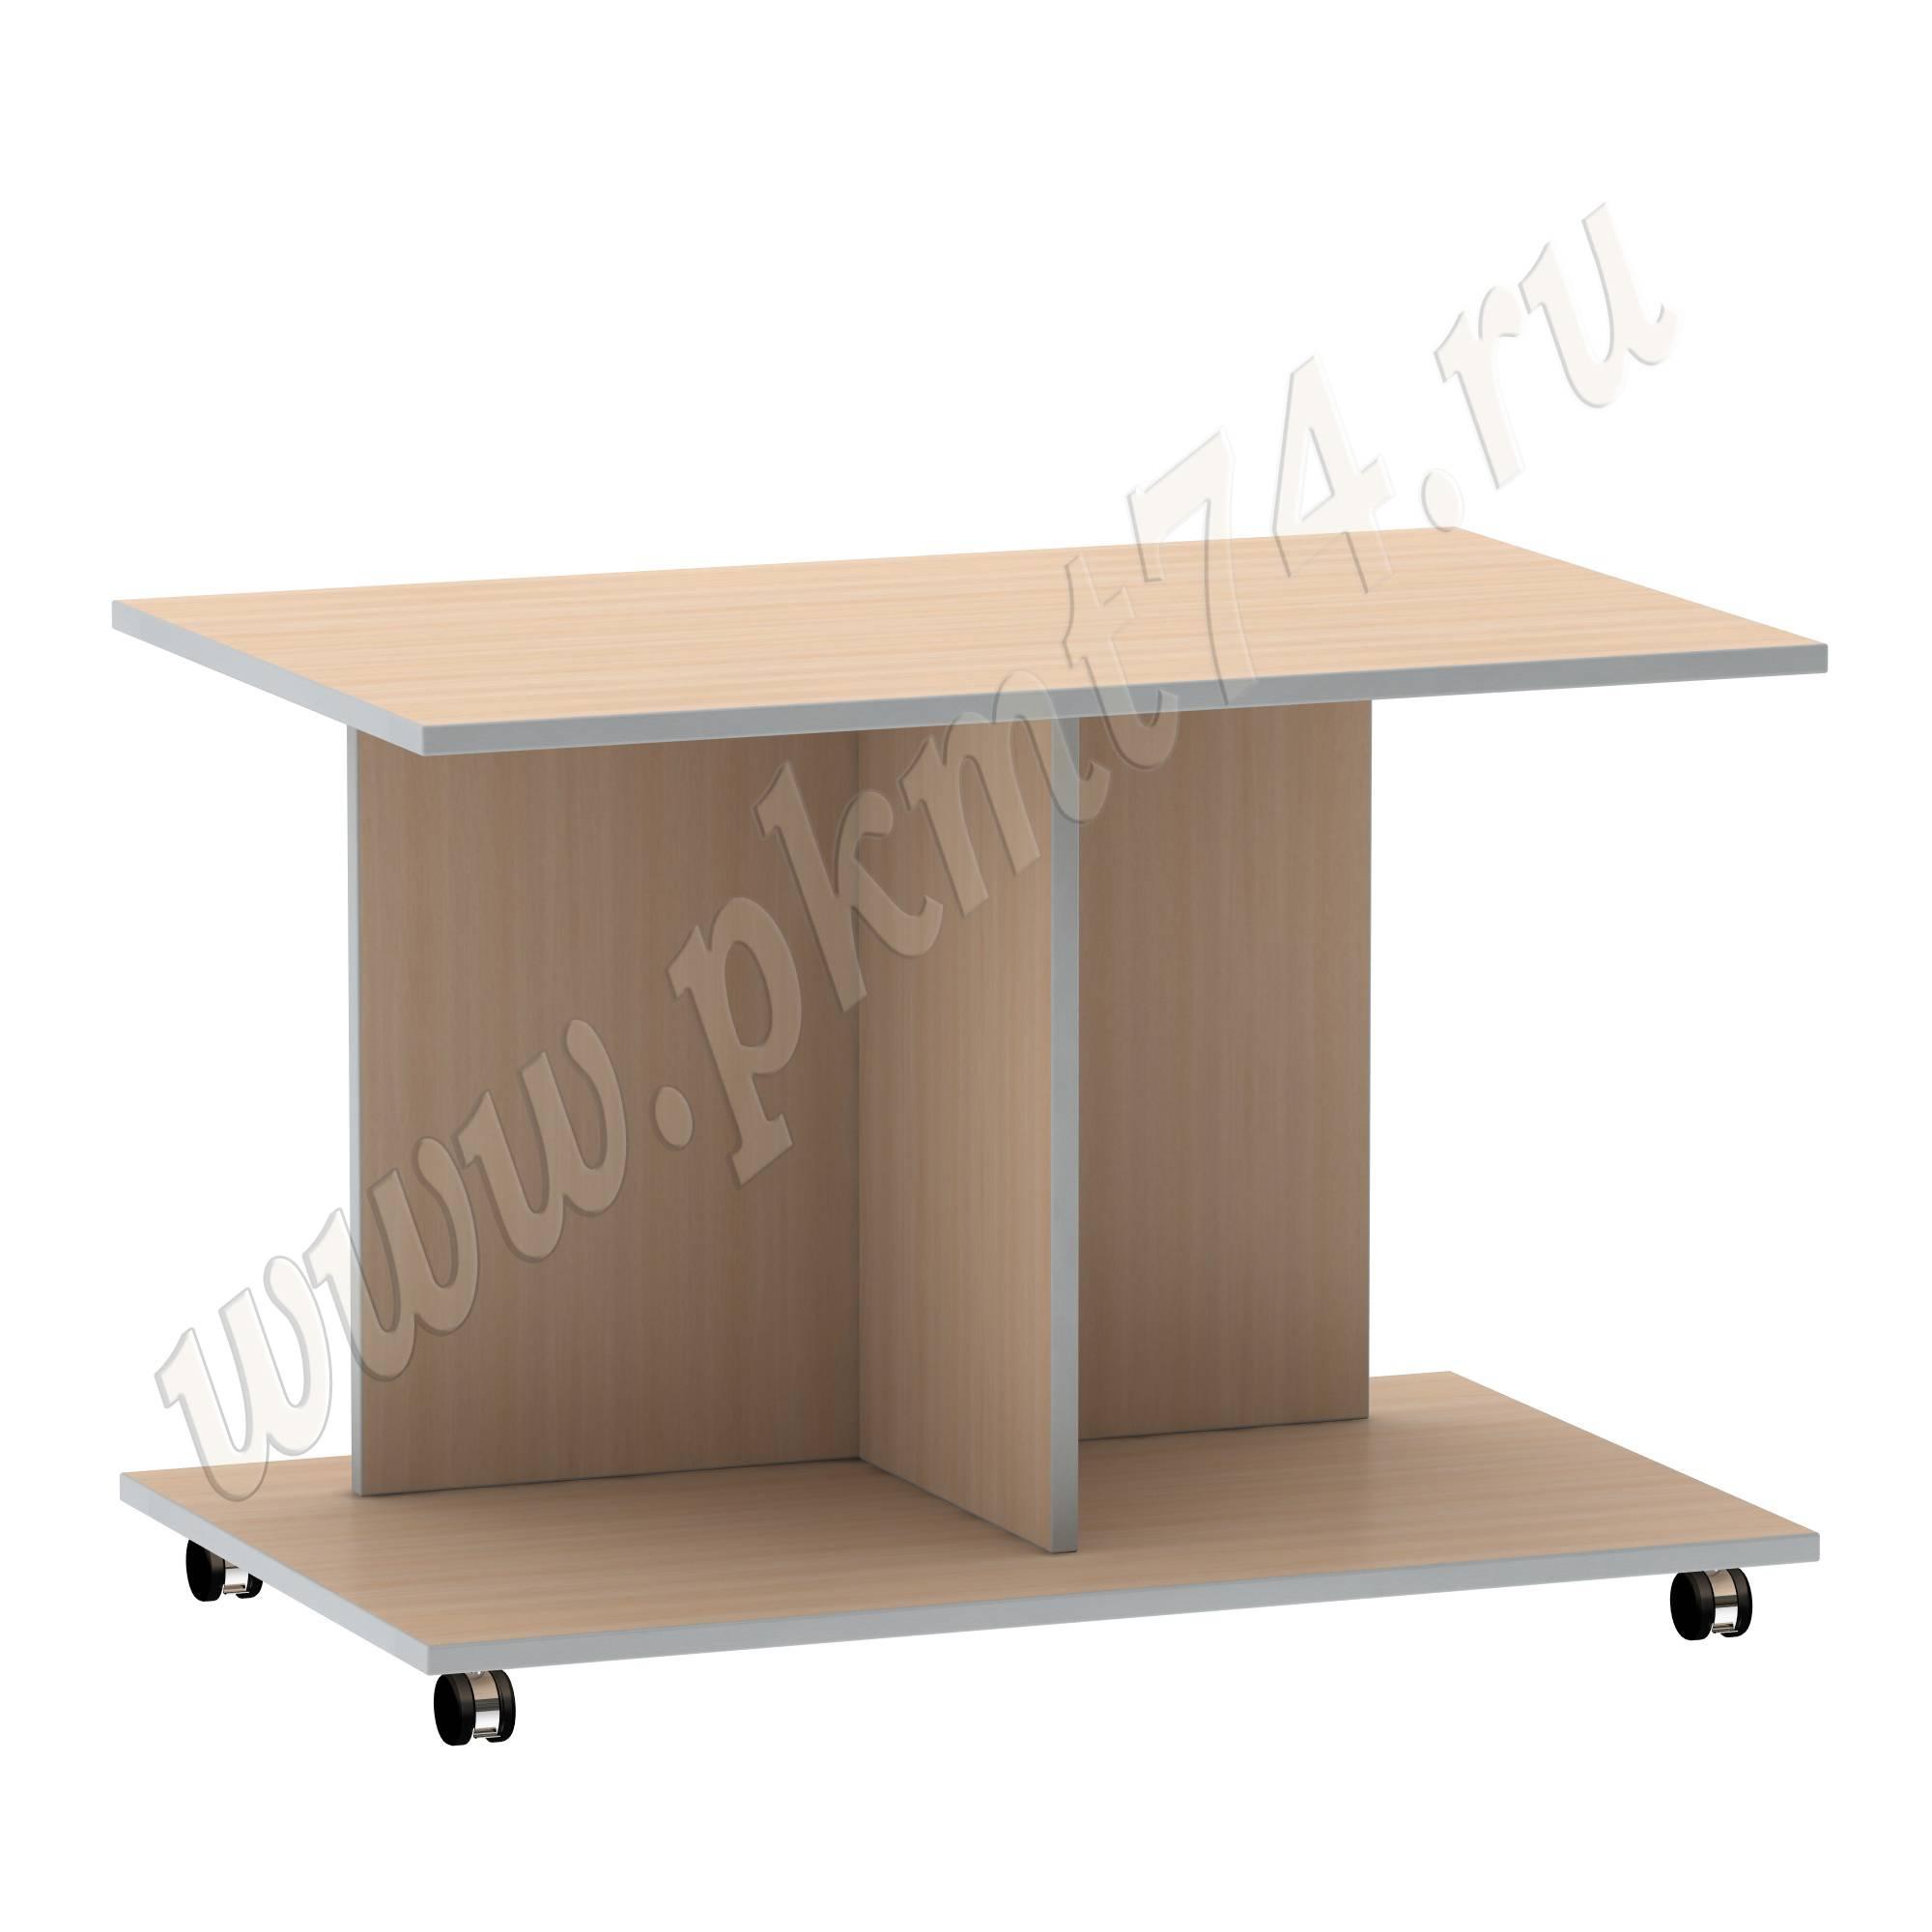 Журнальный стол Н [Стандартный цвет:: Орех; Цвета ЛДСП на выбор:: Молочный-Алюминий]